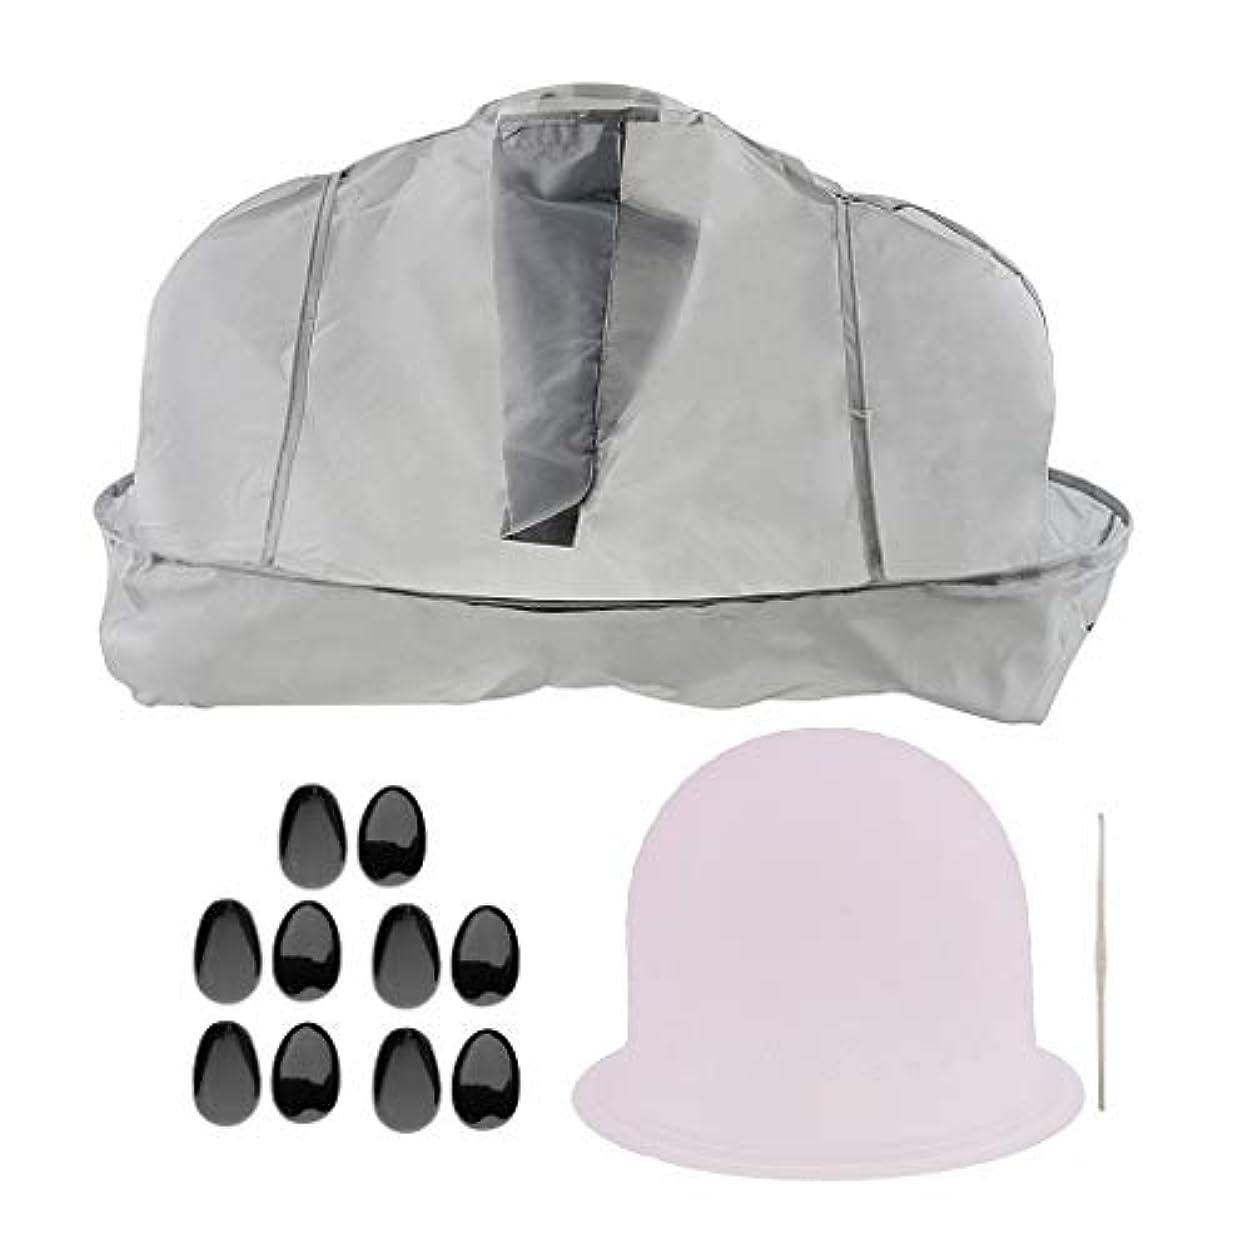 ずらす。フルーティーヘアティントキャップ メタルフック 美容ケープ 髪染め耳カバー サロン